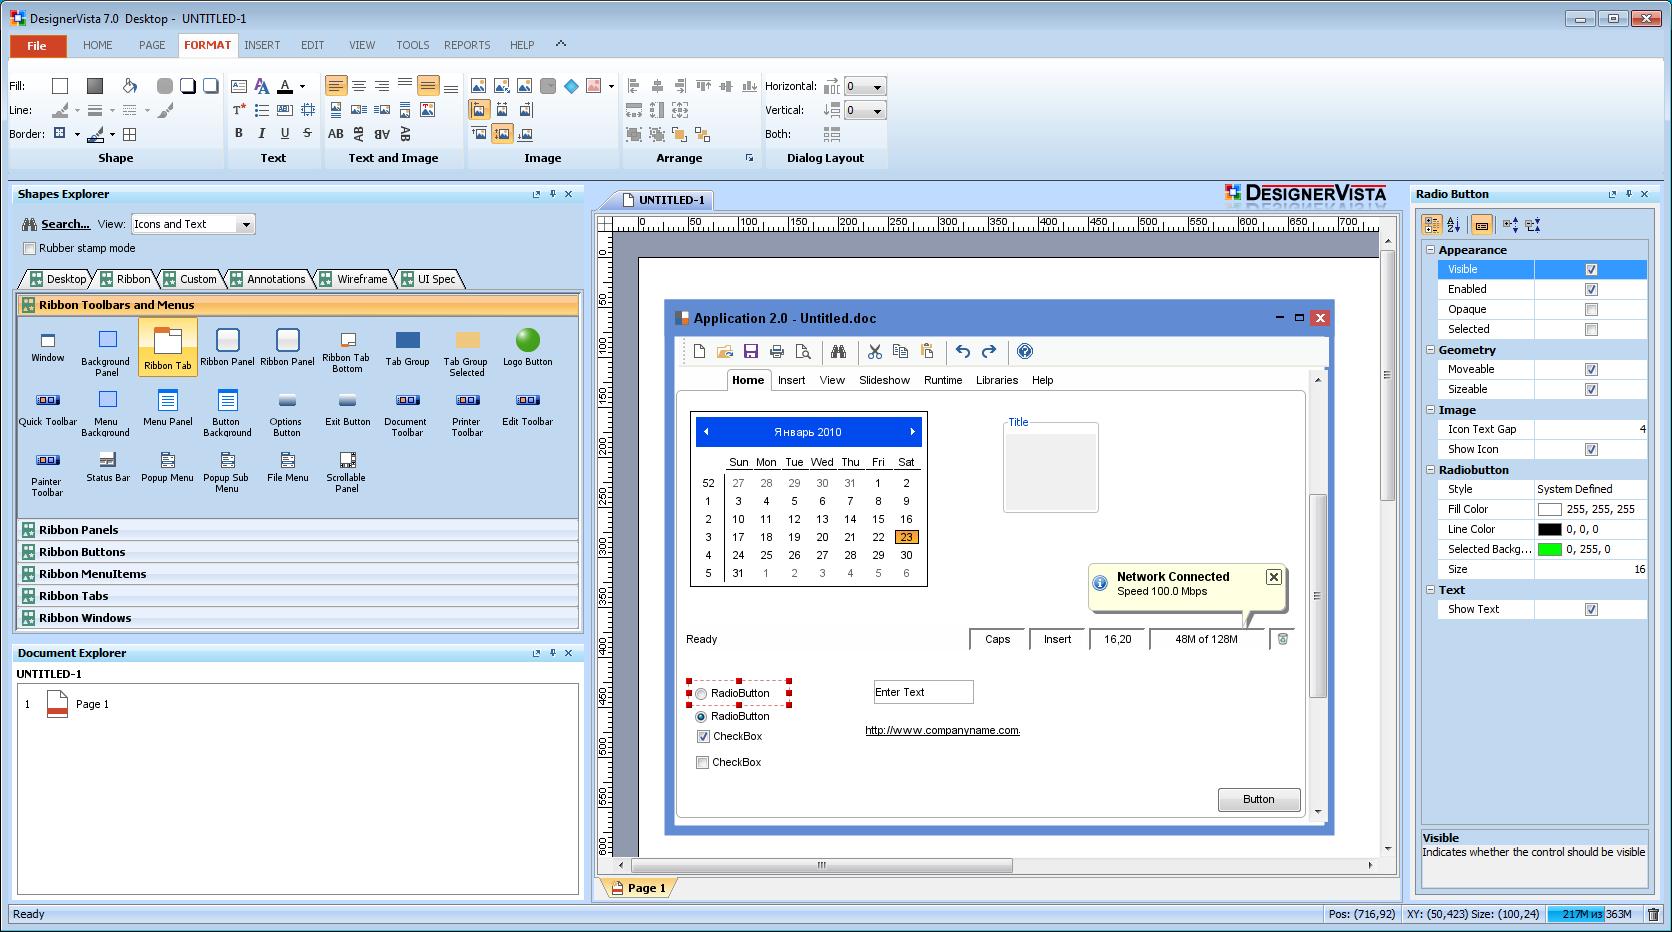 Возможности создания макетов приложений под Windows в DesignerVista mockup tool кажутся безграничными